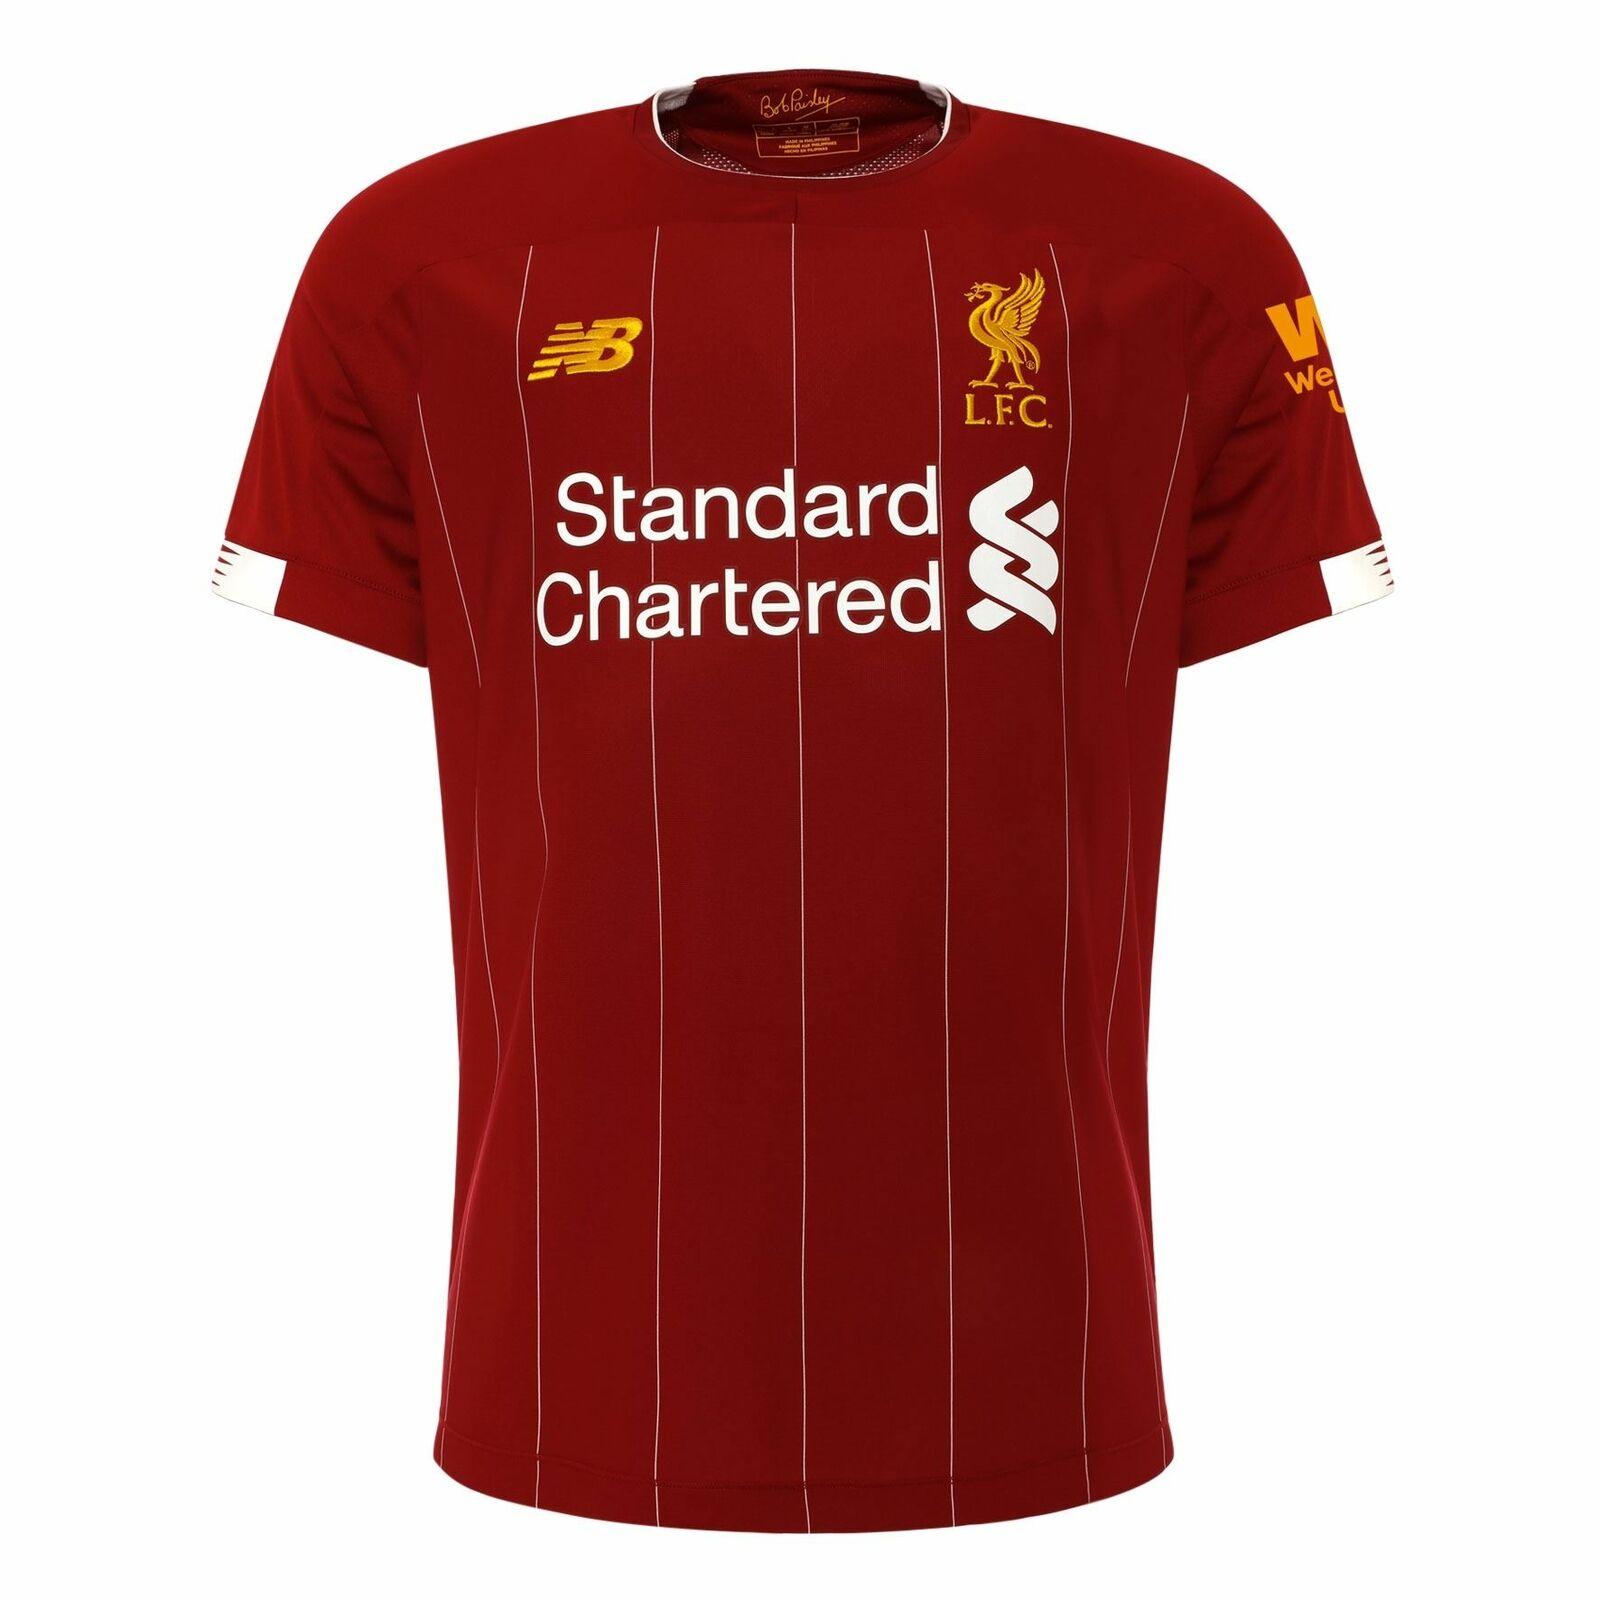 Liverpool FC home Kit Rosso uomoica Corta Calcio Da Uomo Tshirt 1920 LFC Ufficiale